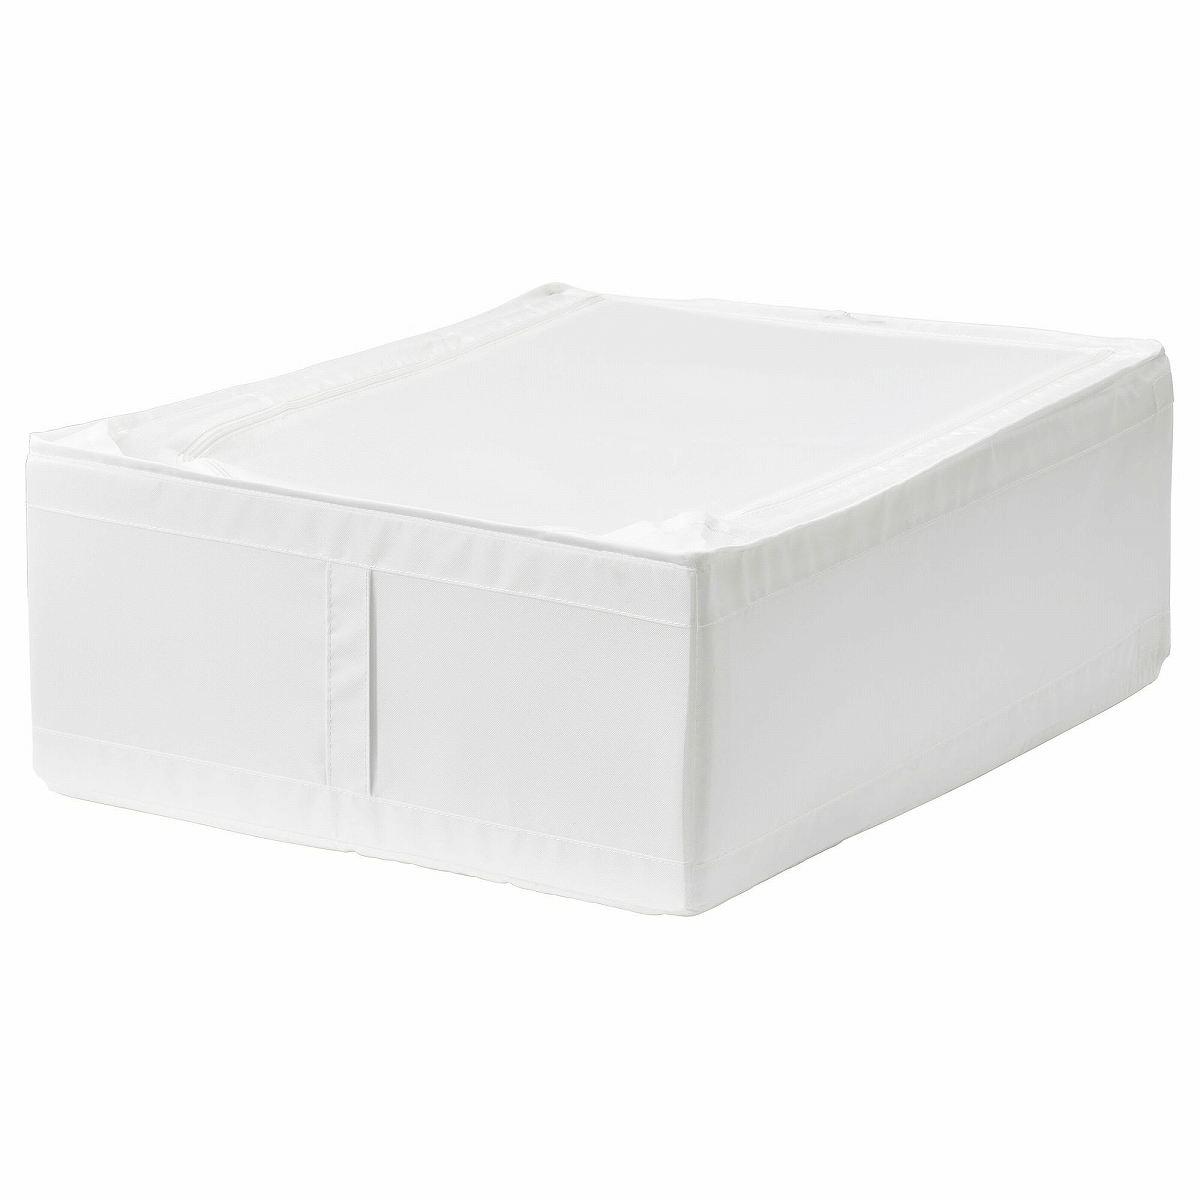 IKEA イケア SKUBB スクッブ 収納ケース ホワイト 白 50290361 幅44×奥行き55×高さ19cm ベッド下収納の写真